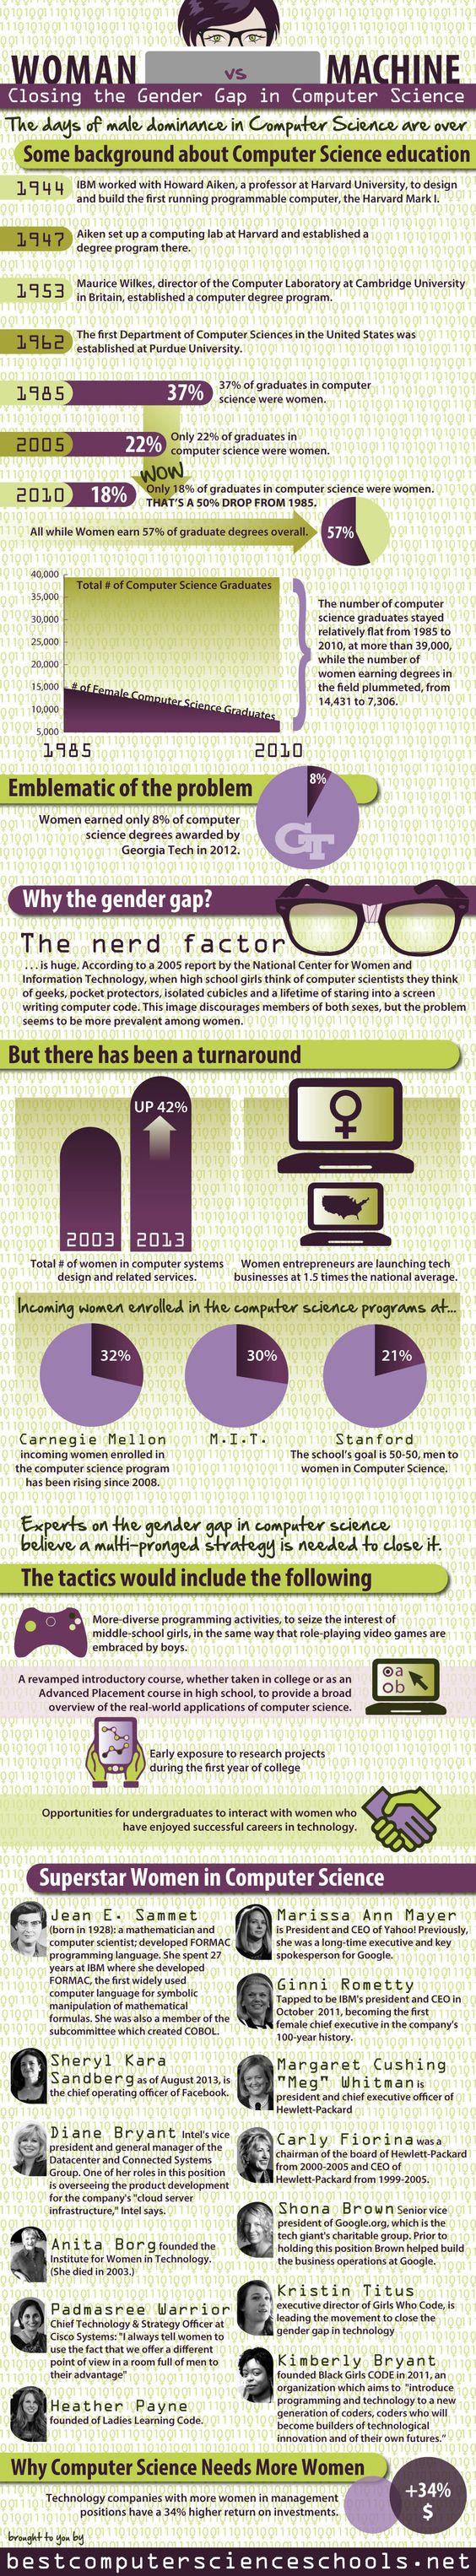 Closing The Gender Gap In Computer Science by bestcomputerschools via computerweekly #Computer_Science #Gender_Gap